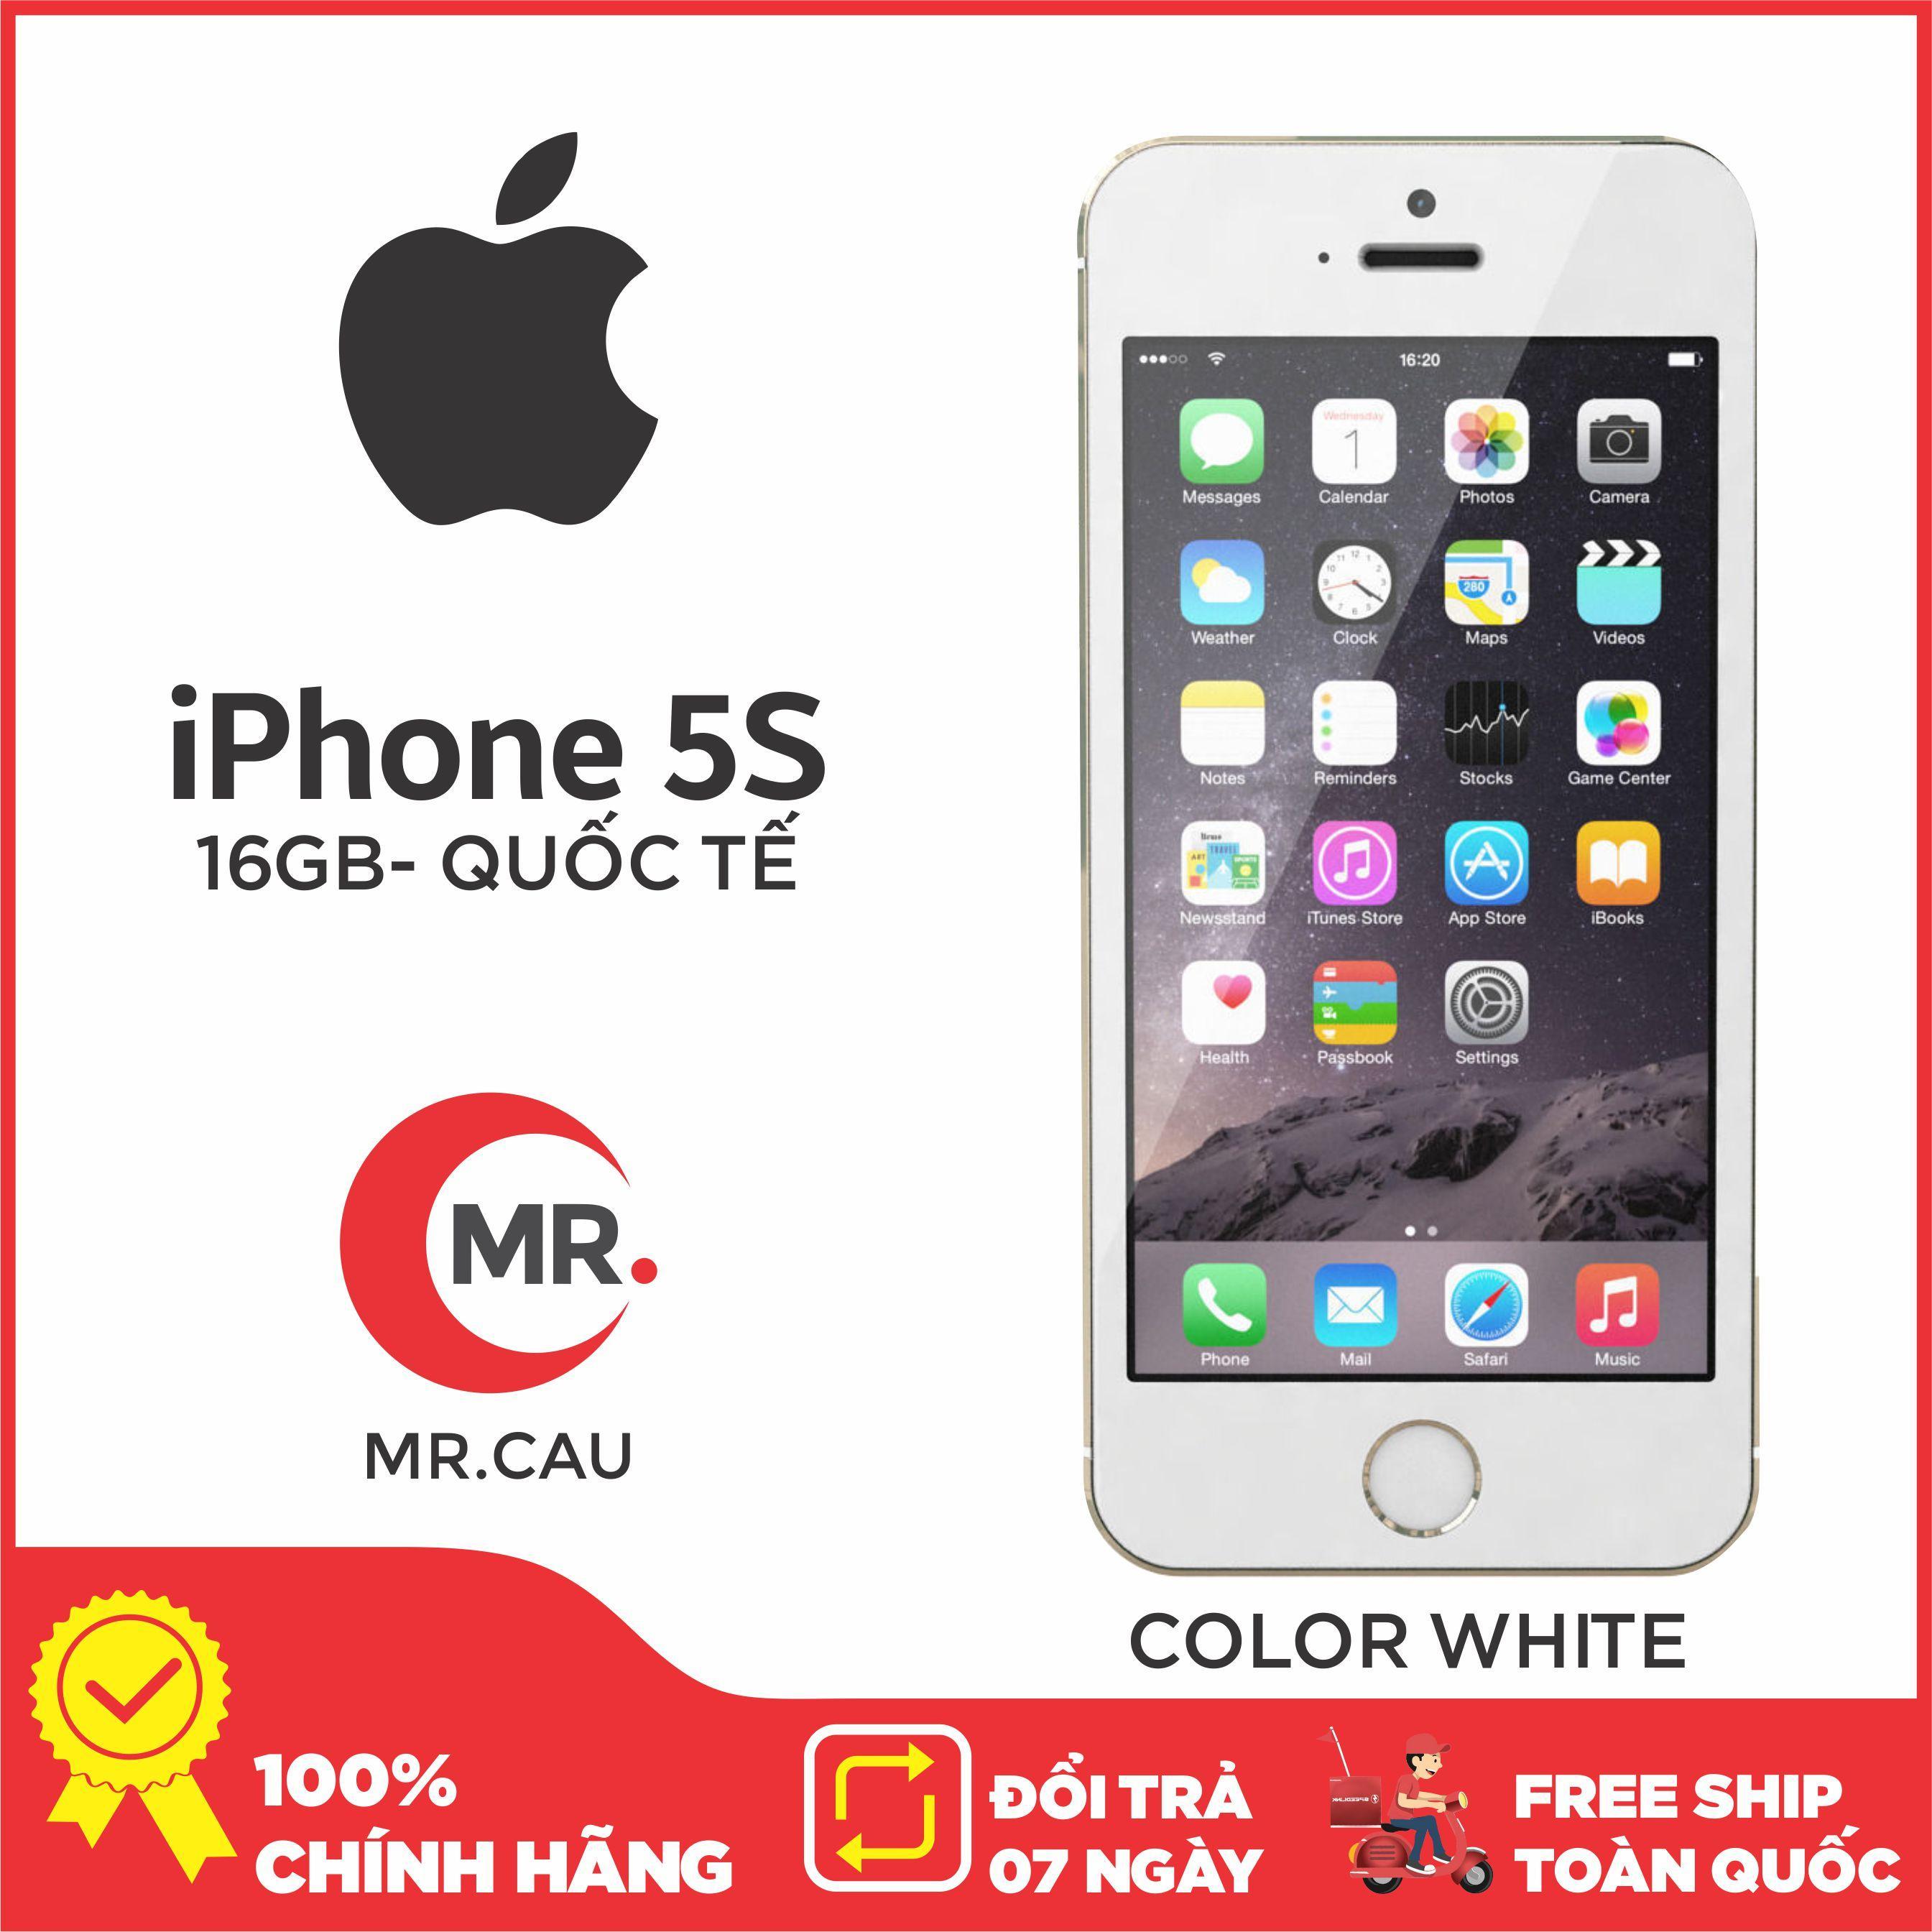 Điện thoại Apple iPhone 5s - 16GB - Bản quốc tế -CAM KẾT ZIN NGUYÊN BẢN Full phụ kiện - Bảo hành 6 tháng - Đổi trả miễn phí tại nhà - Yên tâm mua sắm với Mr Cầu ( Điện Thoại Giá Rẻ, Điện Thoại Smartphone, Điện Thoại Thông Minh)